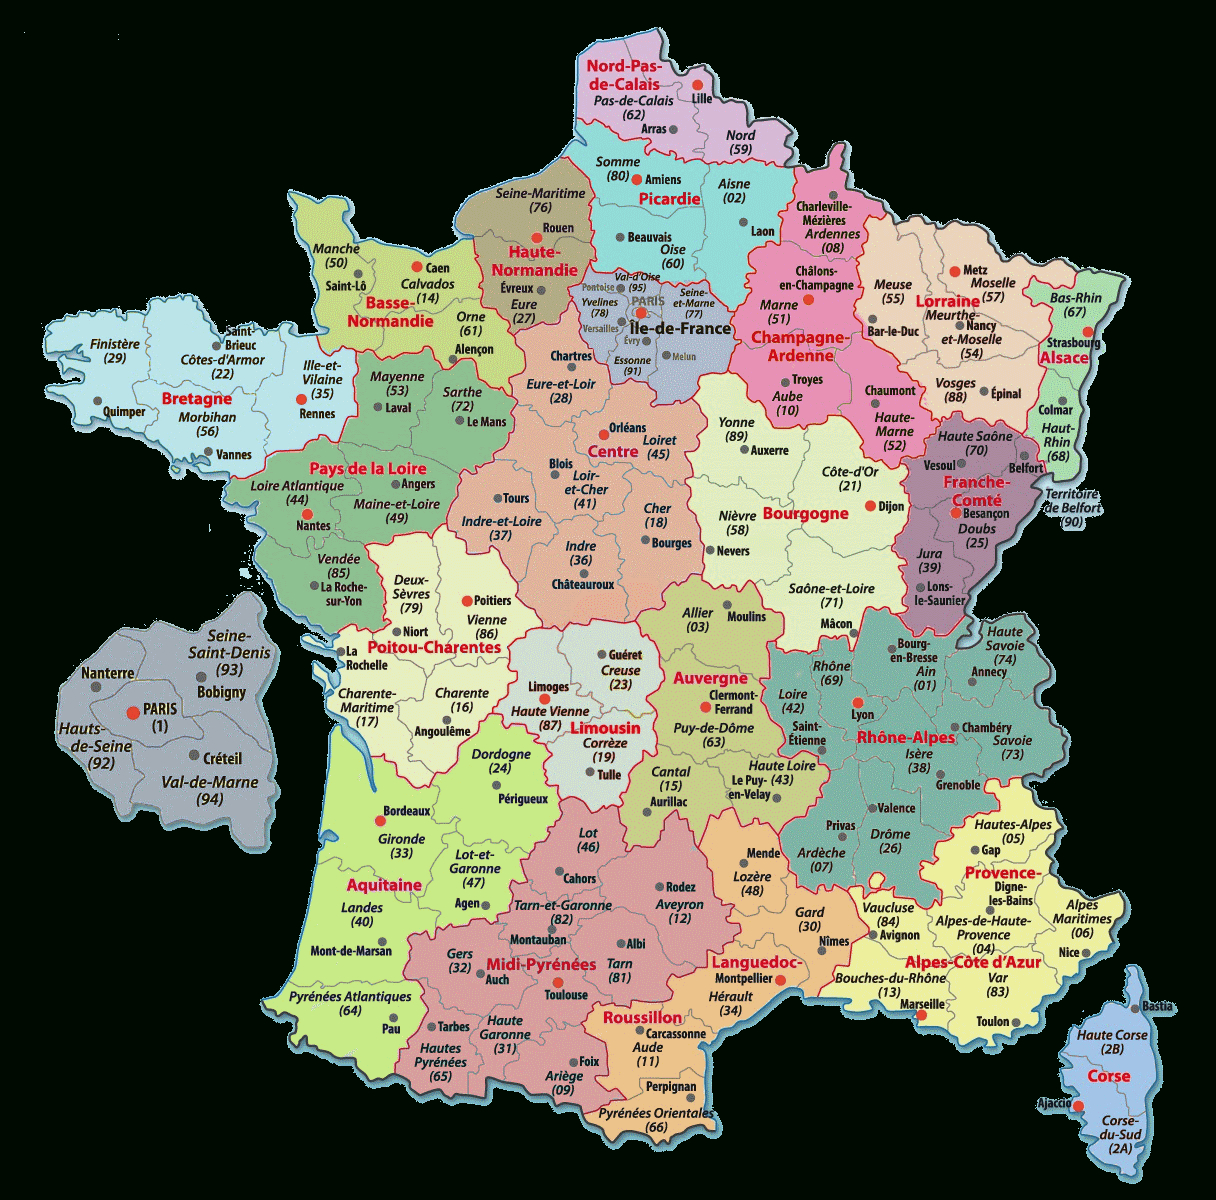 Carte De France Departements : Carte Des Départements De France pour Carte Nouvelle Région France